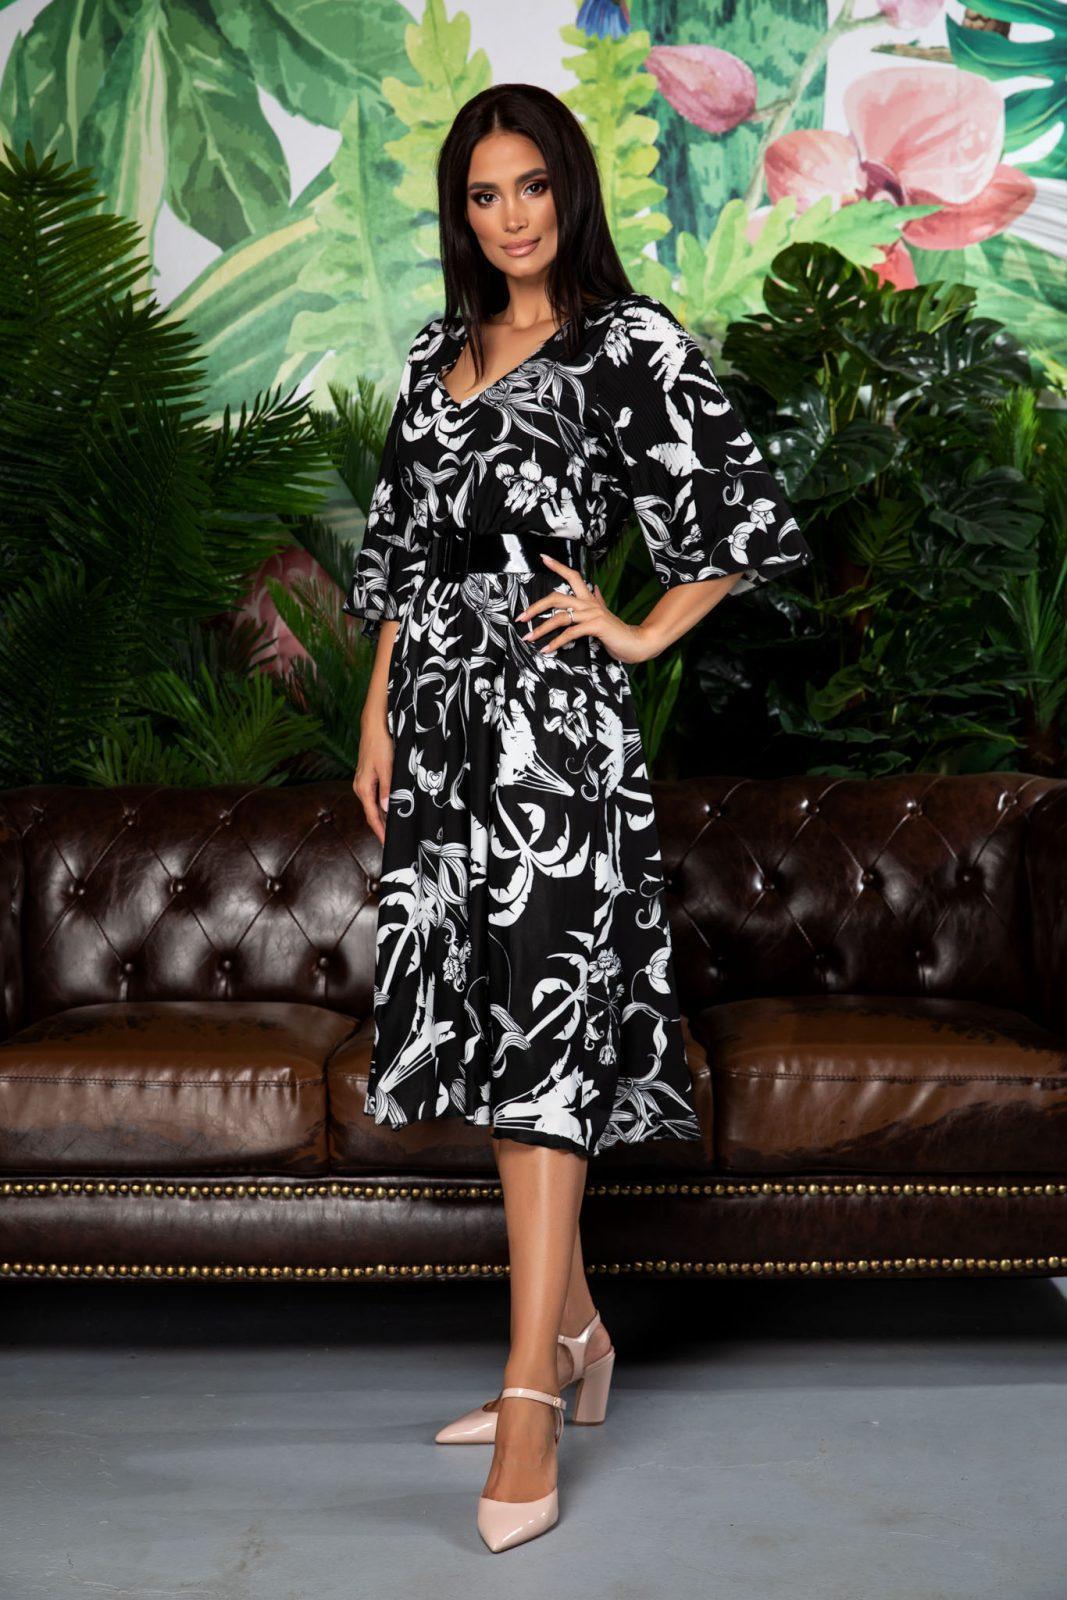 Μαύρο Φλοράλ Φόρεμα Με Ζώνη Issadora 7863